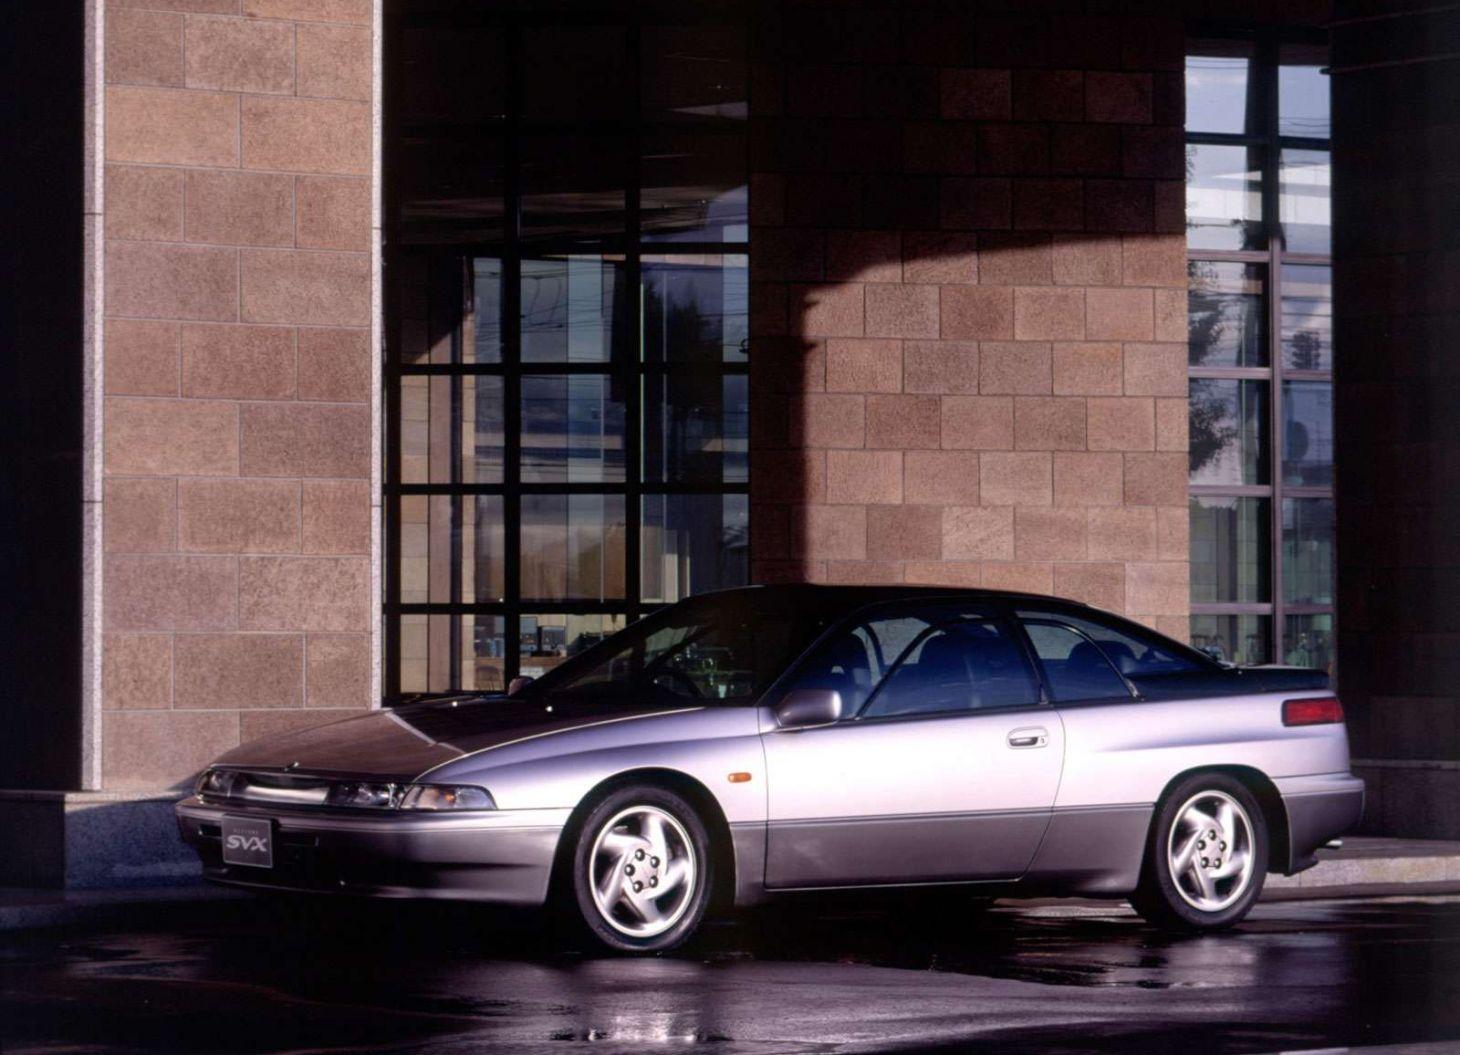 carros japoneses: subaru alcyone svx coupe frente